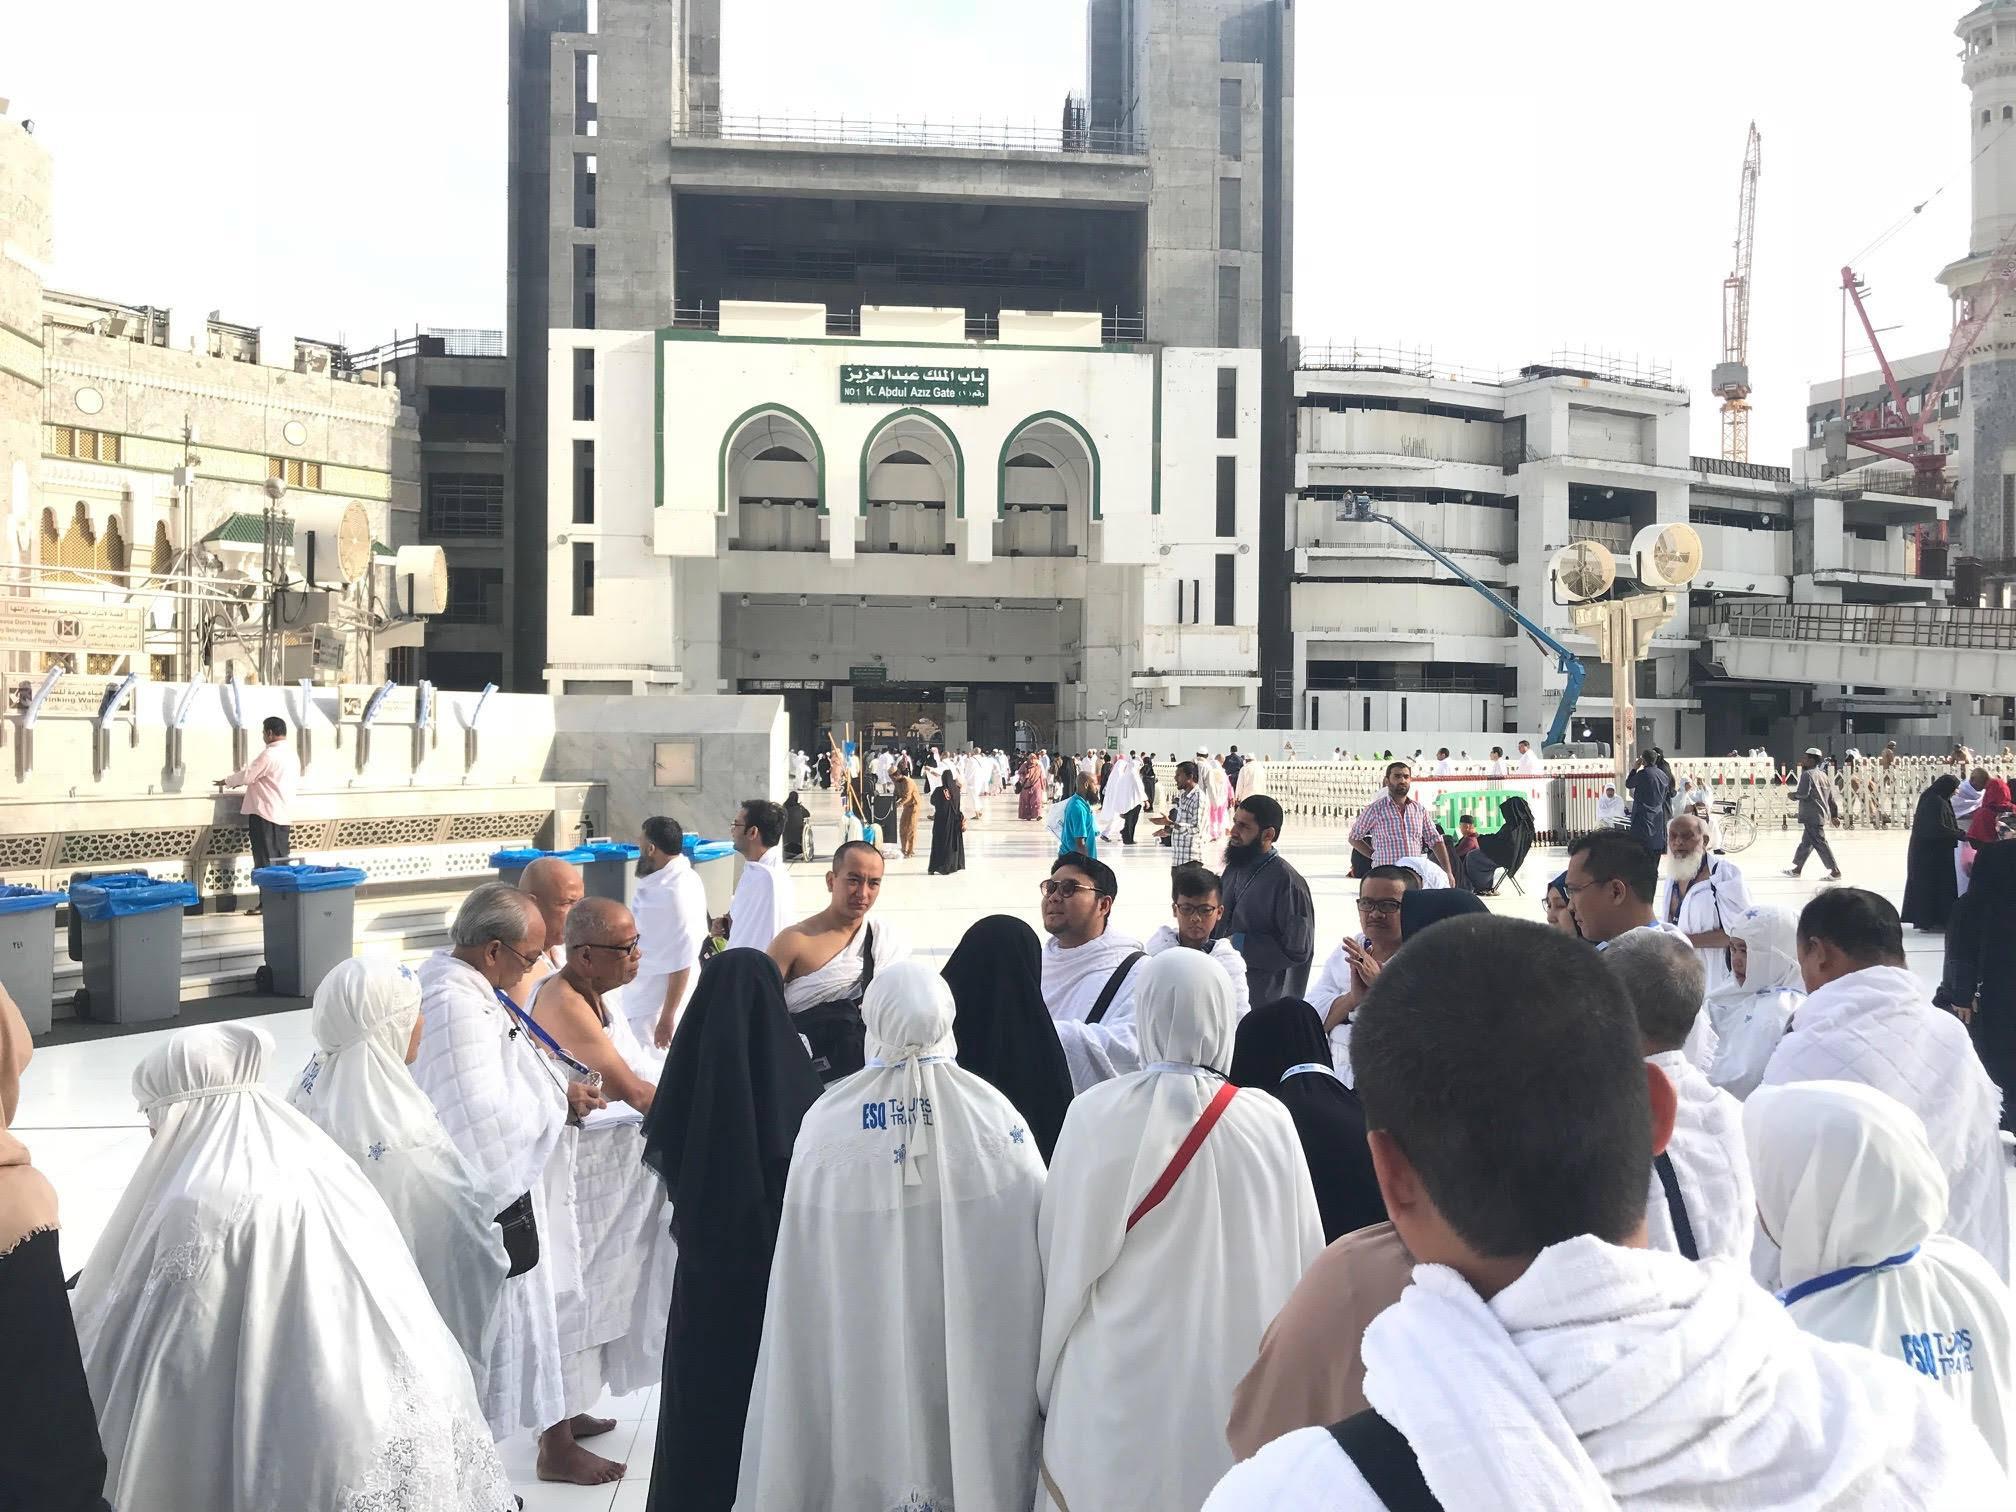 Mengenal nama pintu-masuk-di-masjidil-haram